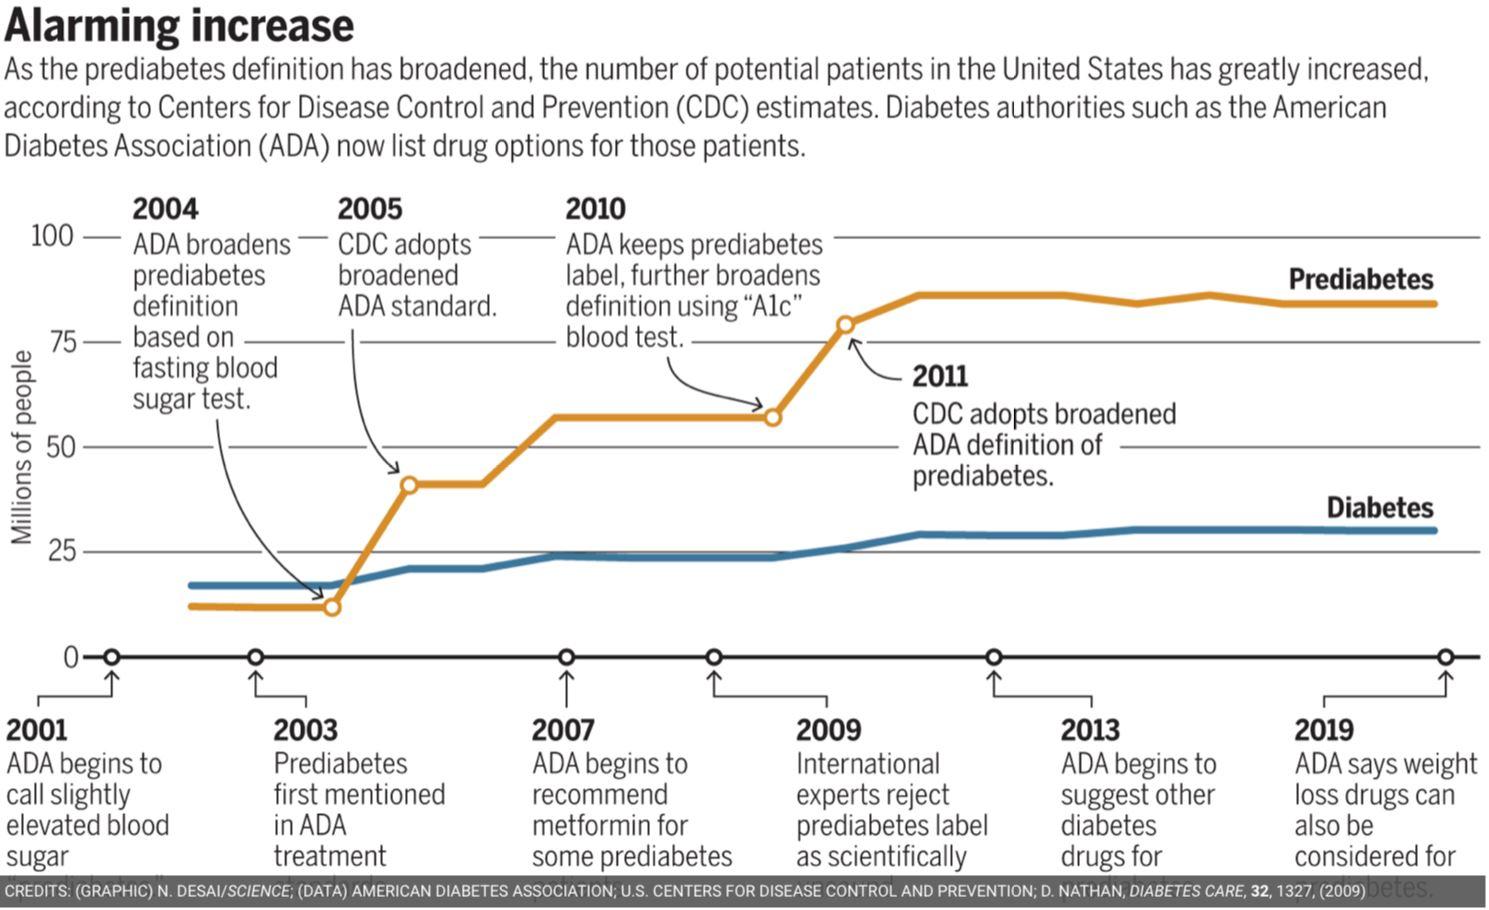 Chart: Prediabetes rise